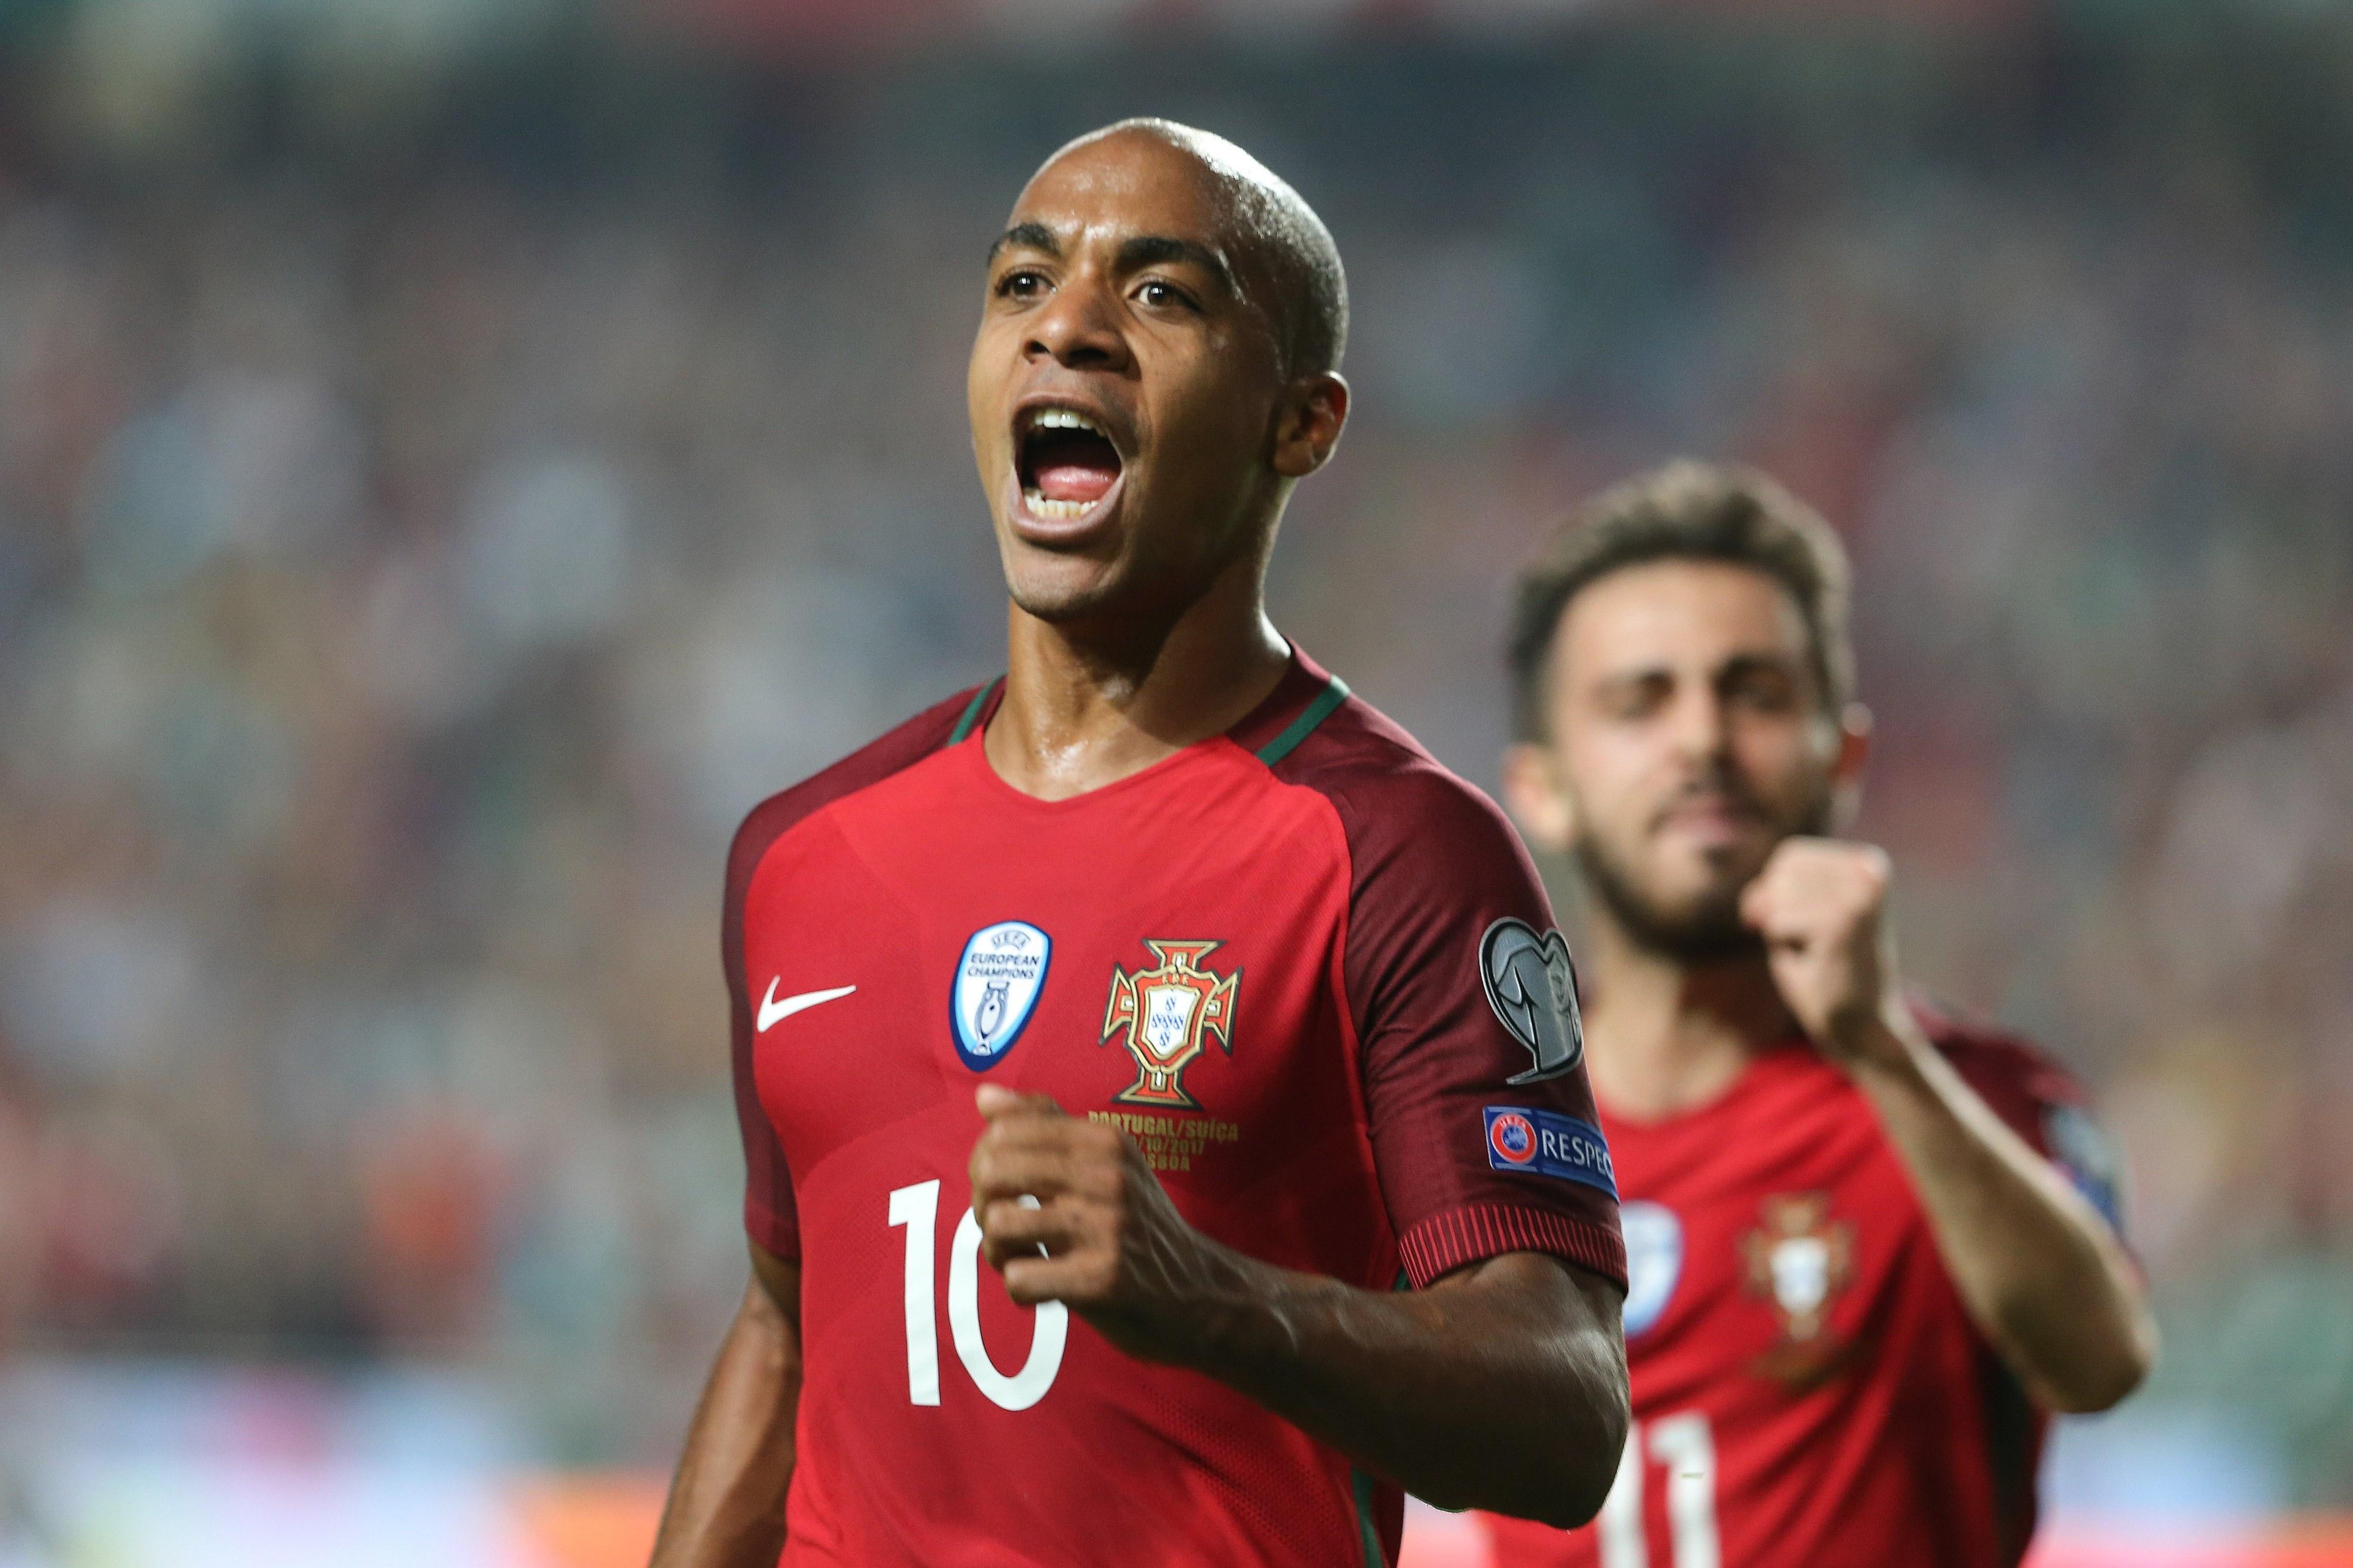 João Mário diz que não guarda mágoa do Inter e só pensa em competir no West Ham